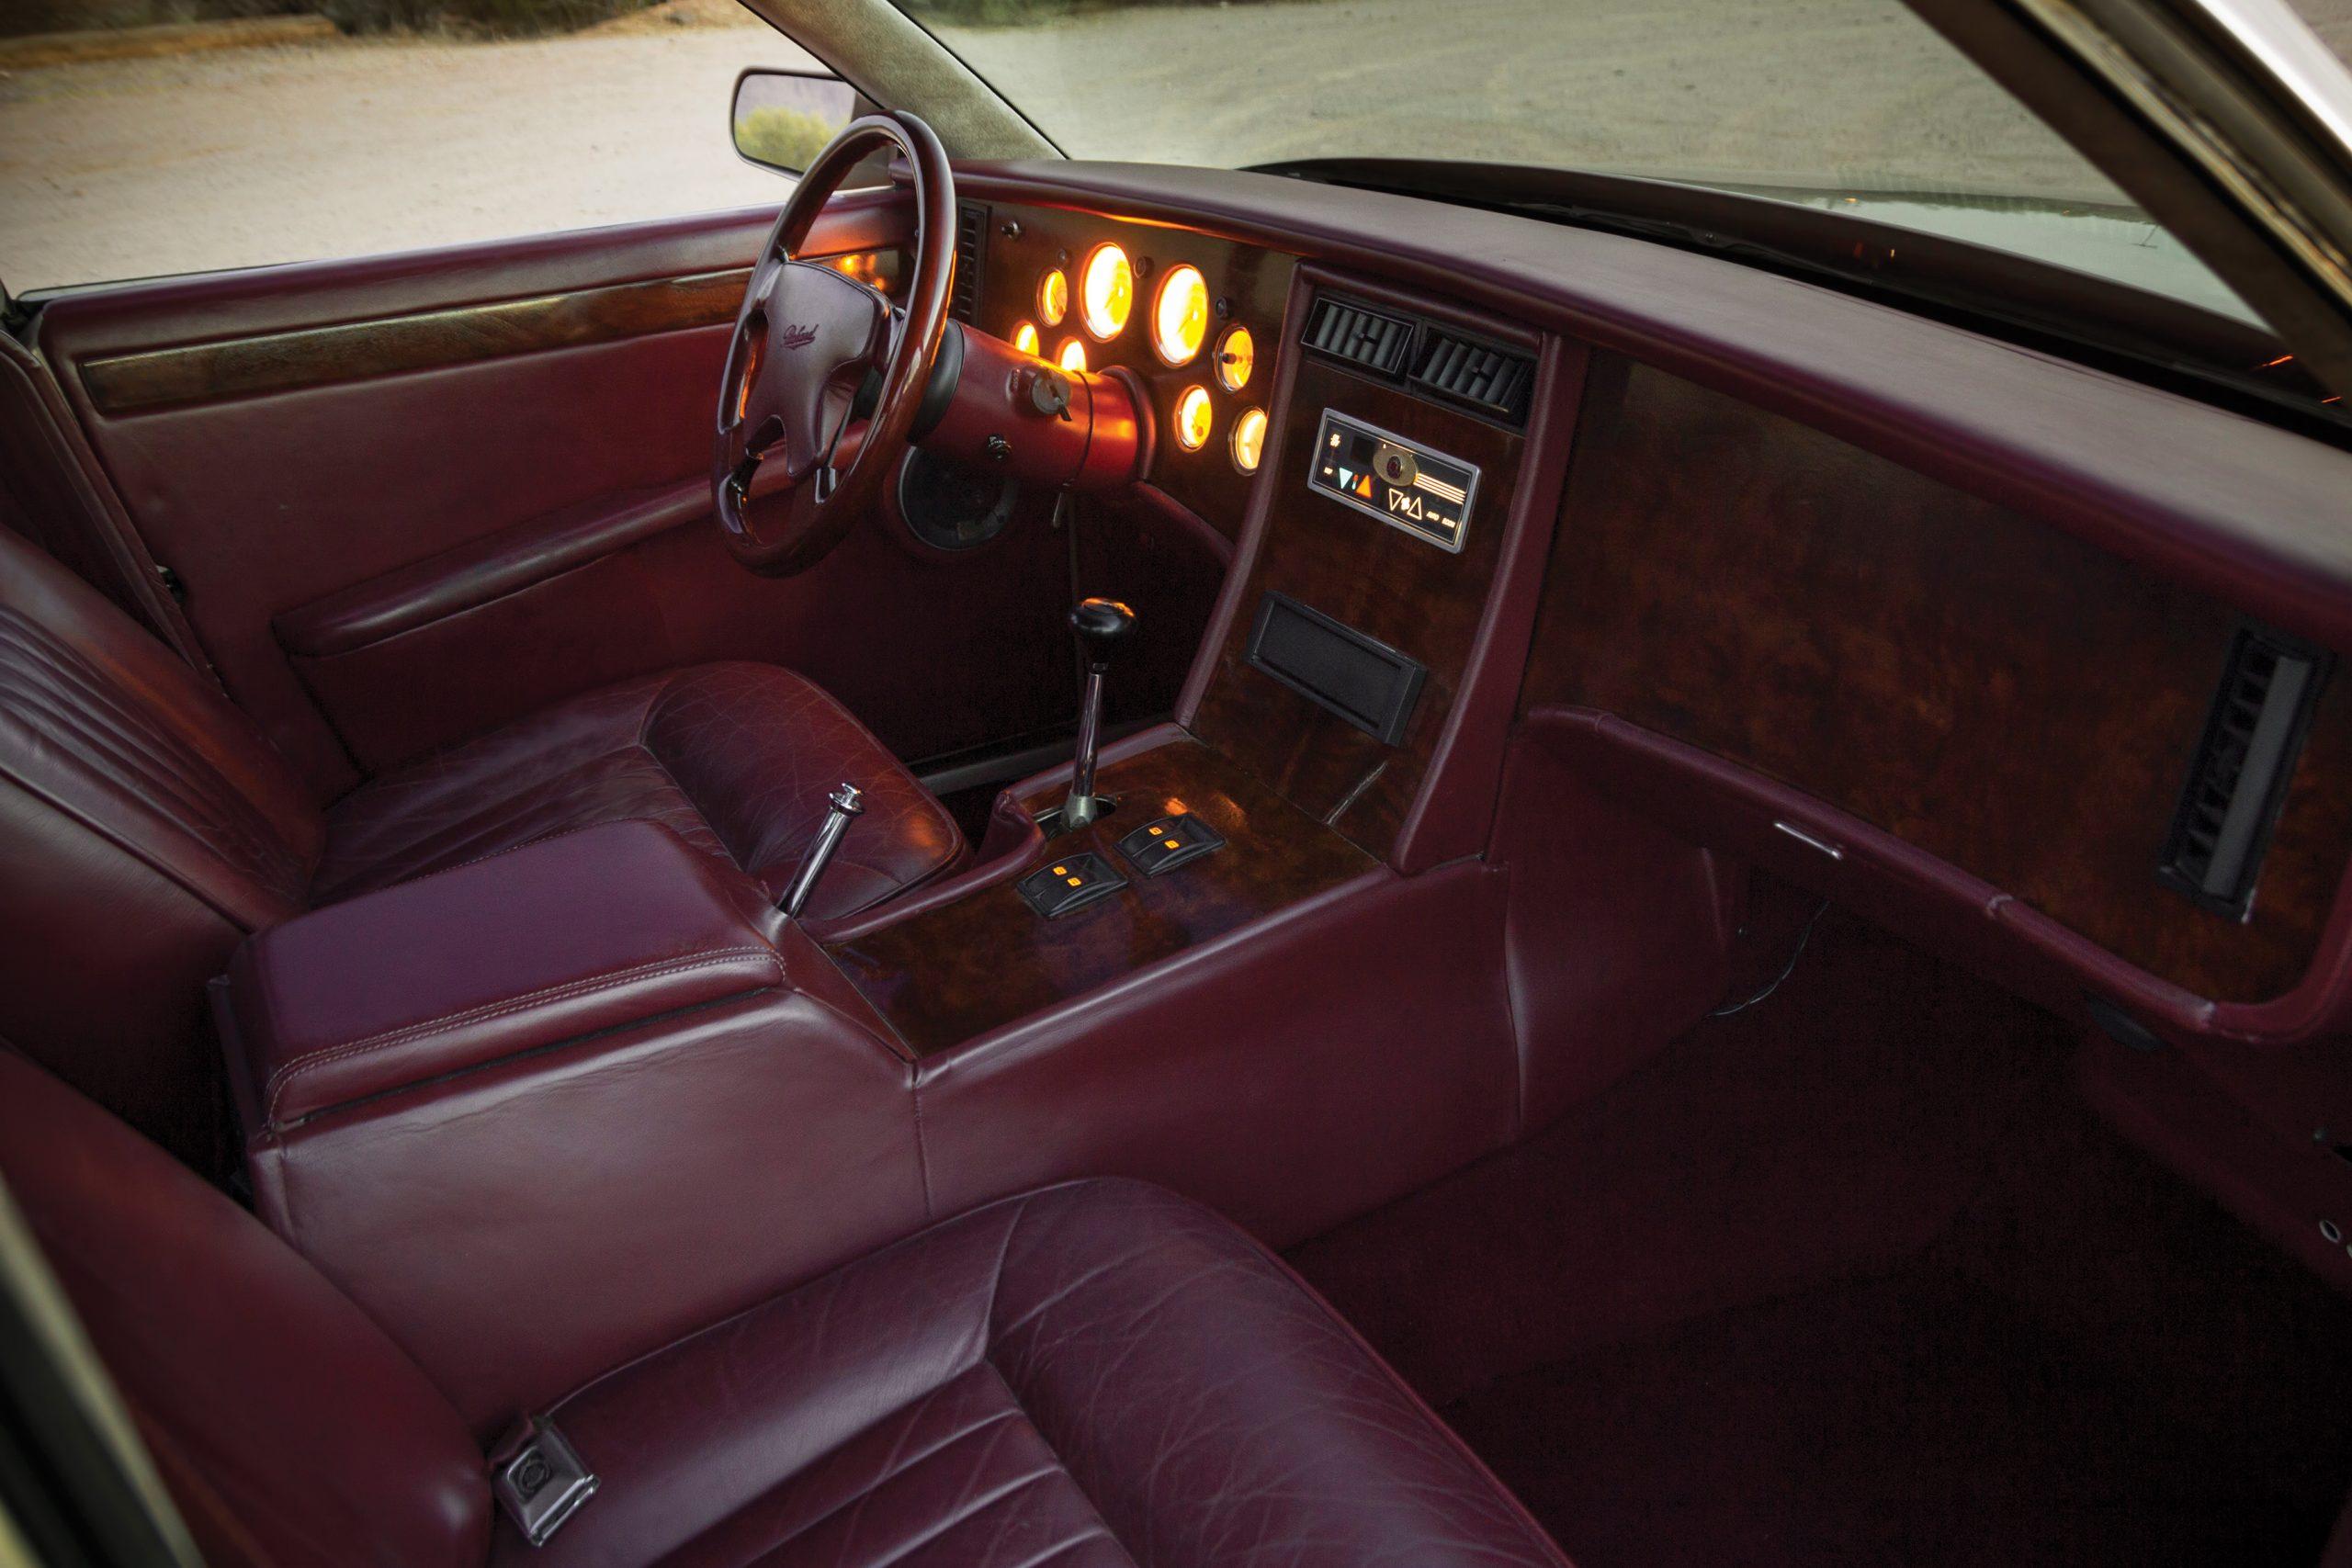 1999 Packard Twelve Prototype interior front